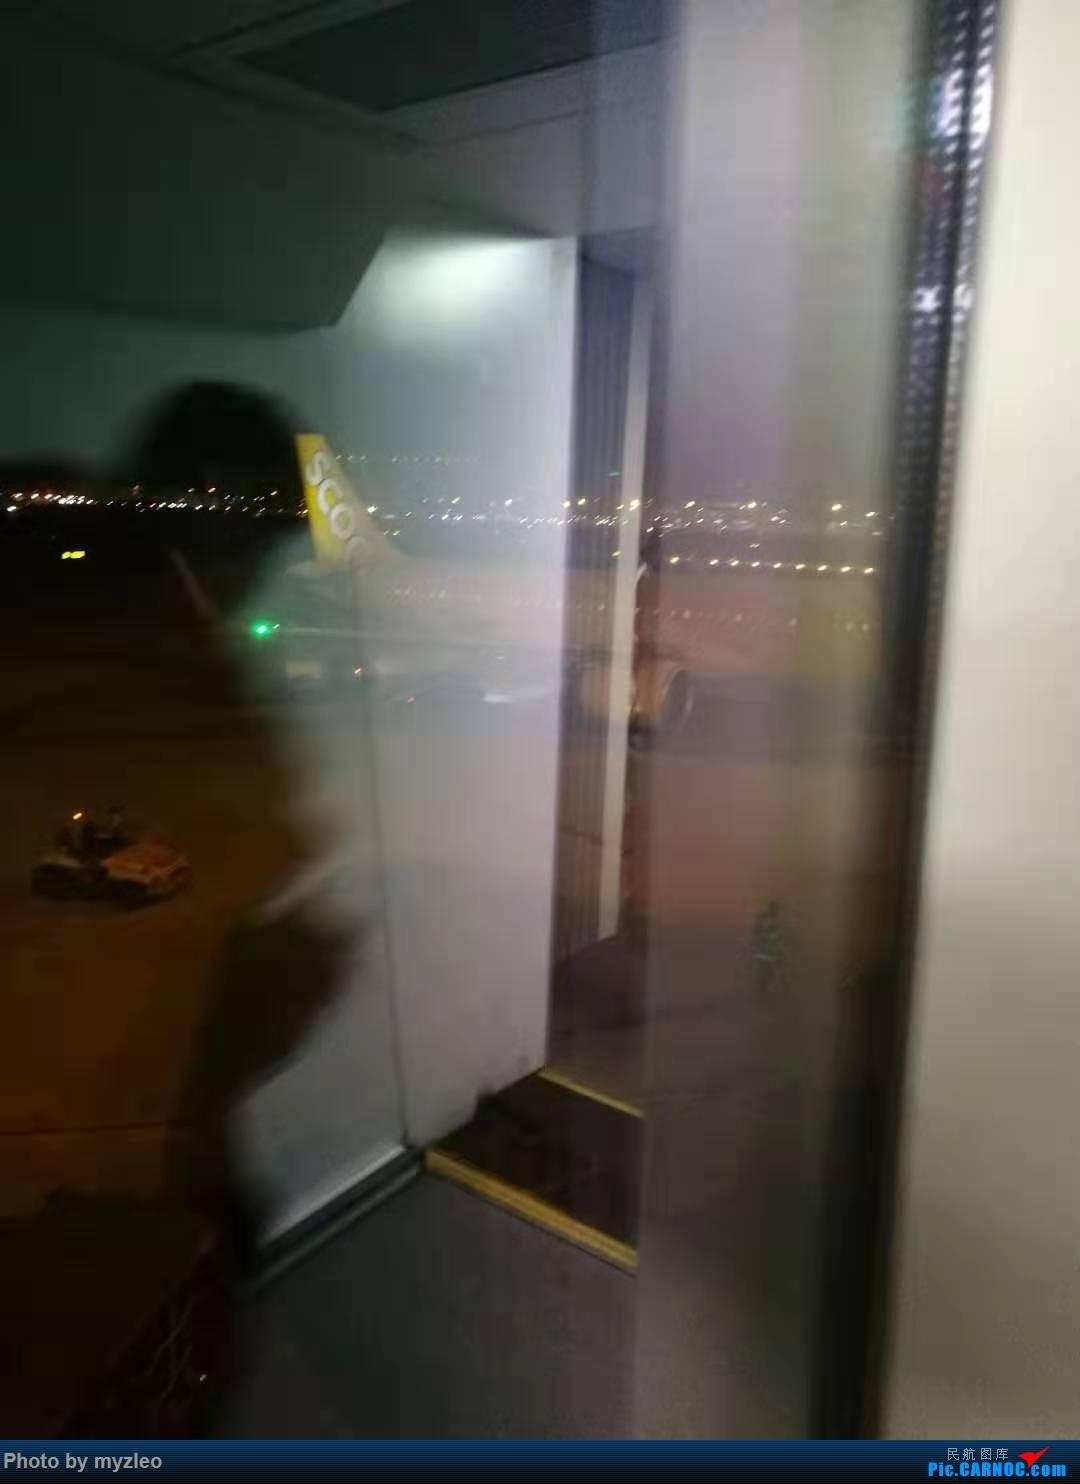 Re:[原创]【myzleo的游记4.1】十年之约(1)不完整的去程——HX239,HNA初体验,与心爱的359失之交臂;港岛+九龙 AIRBUS A320-200  中国香港国际机场